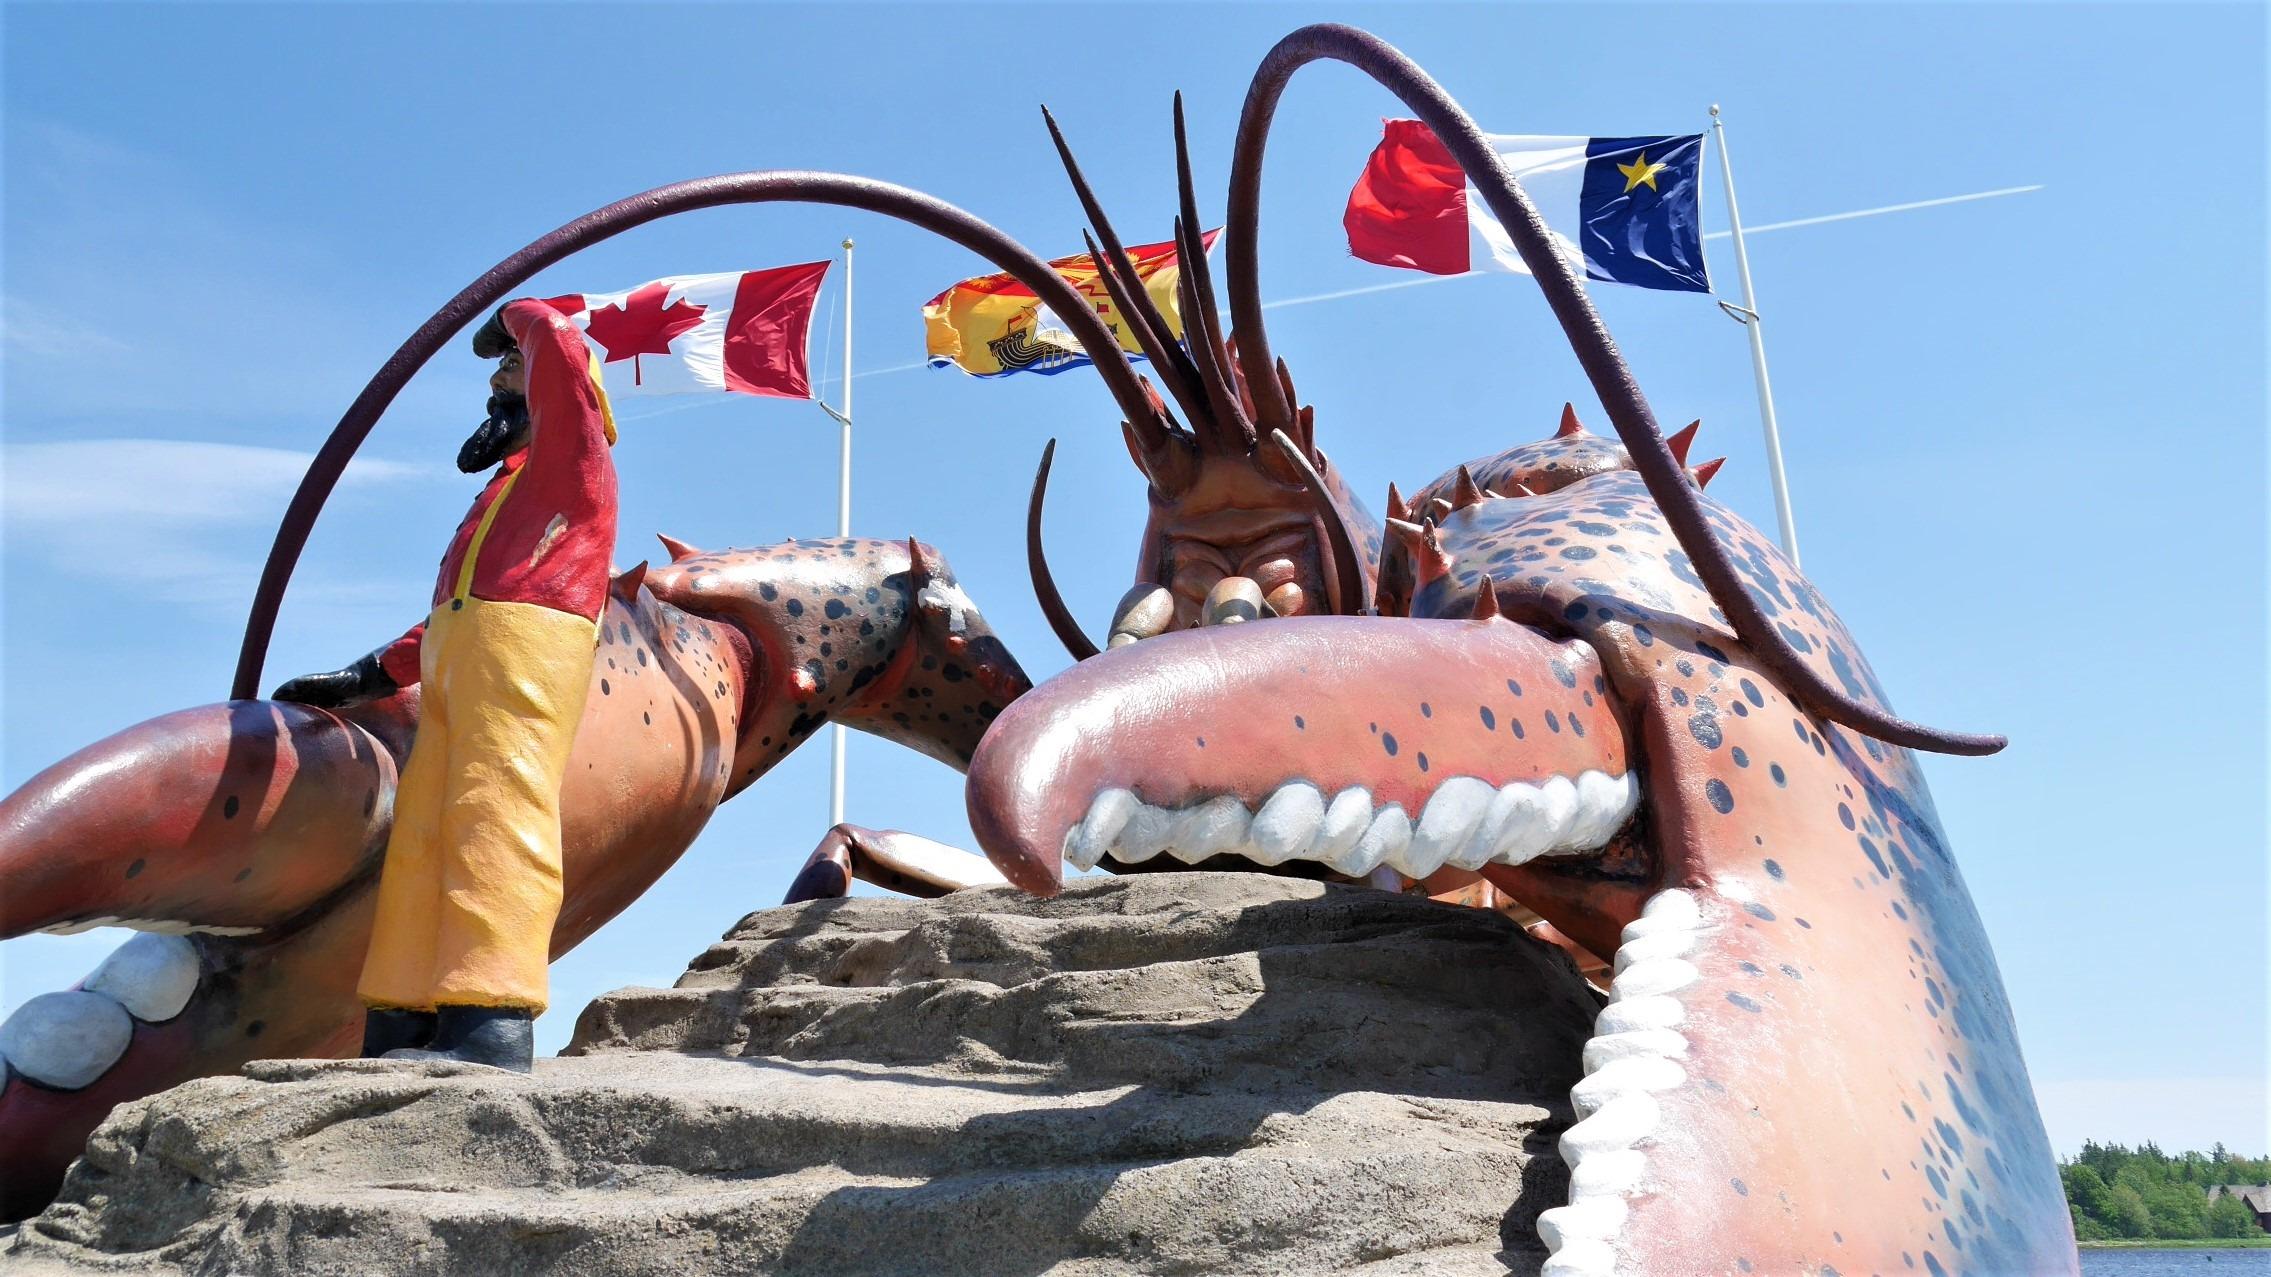 Shédiac homard géant que voir acadie blog voyage nouveau-brunswick canada